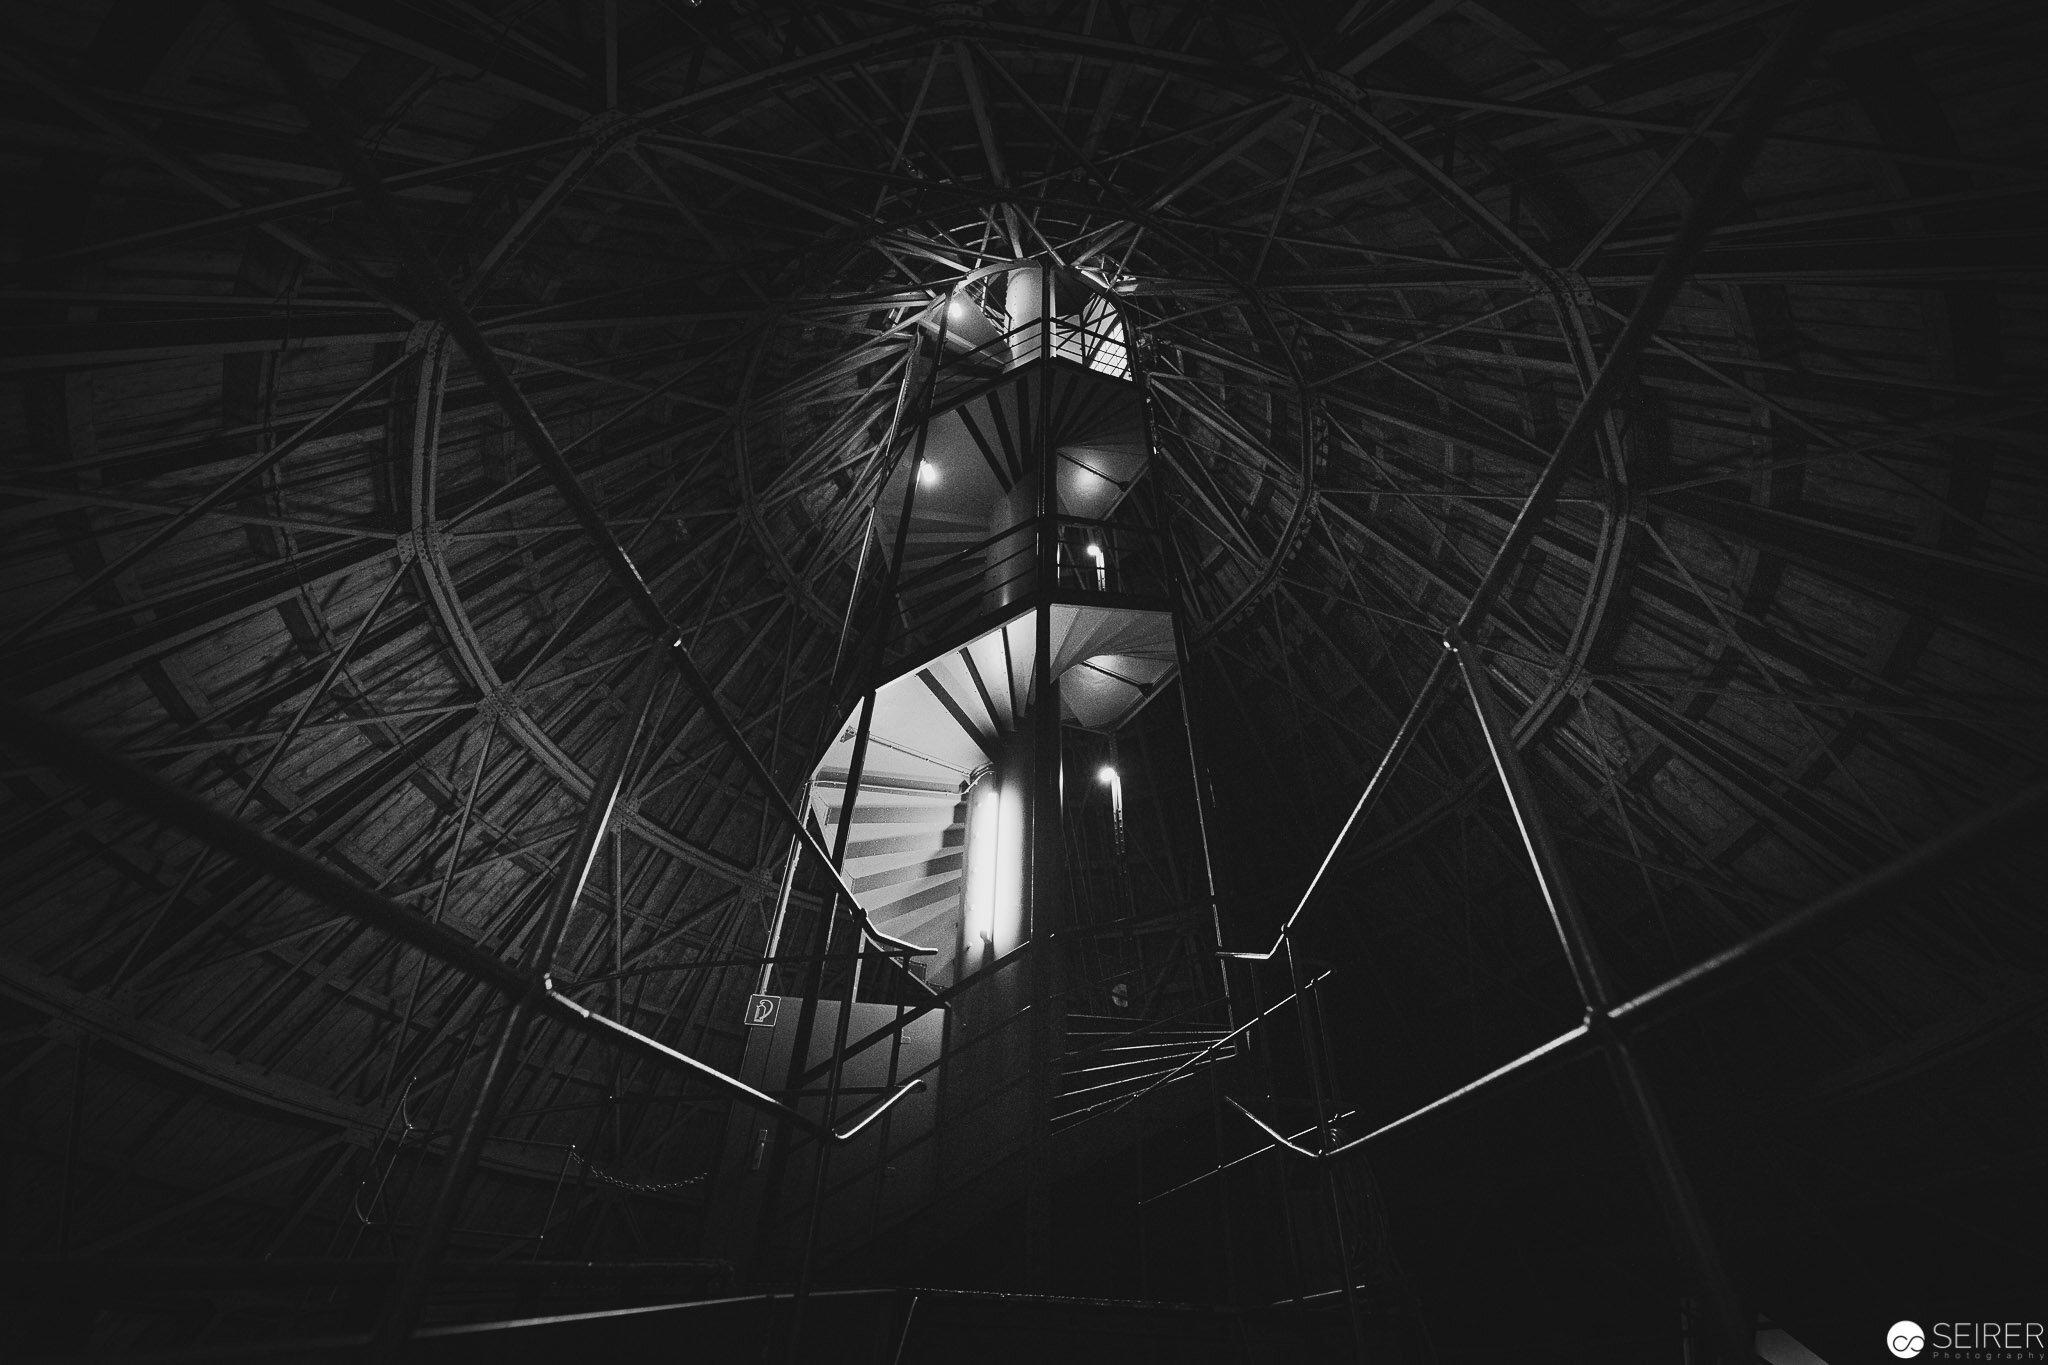 Unter dem Dach des Wasserturms - eine wirklich beeindruckende Struktur - Wasserturm Favoriten